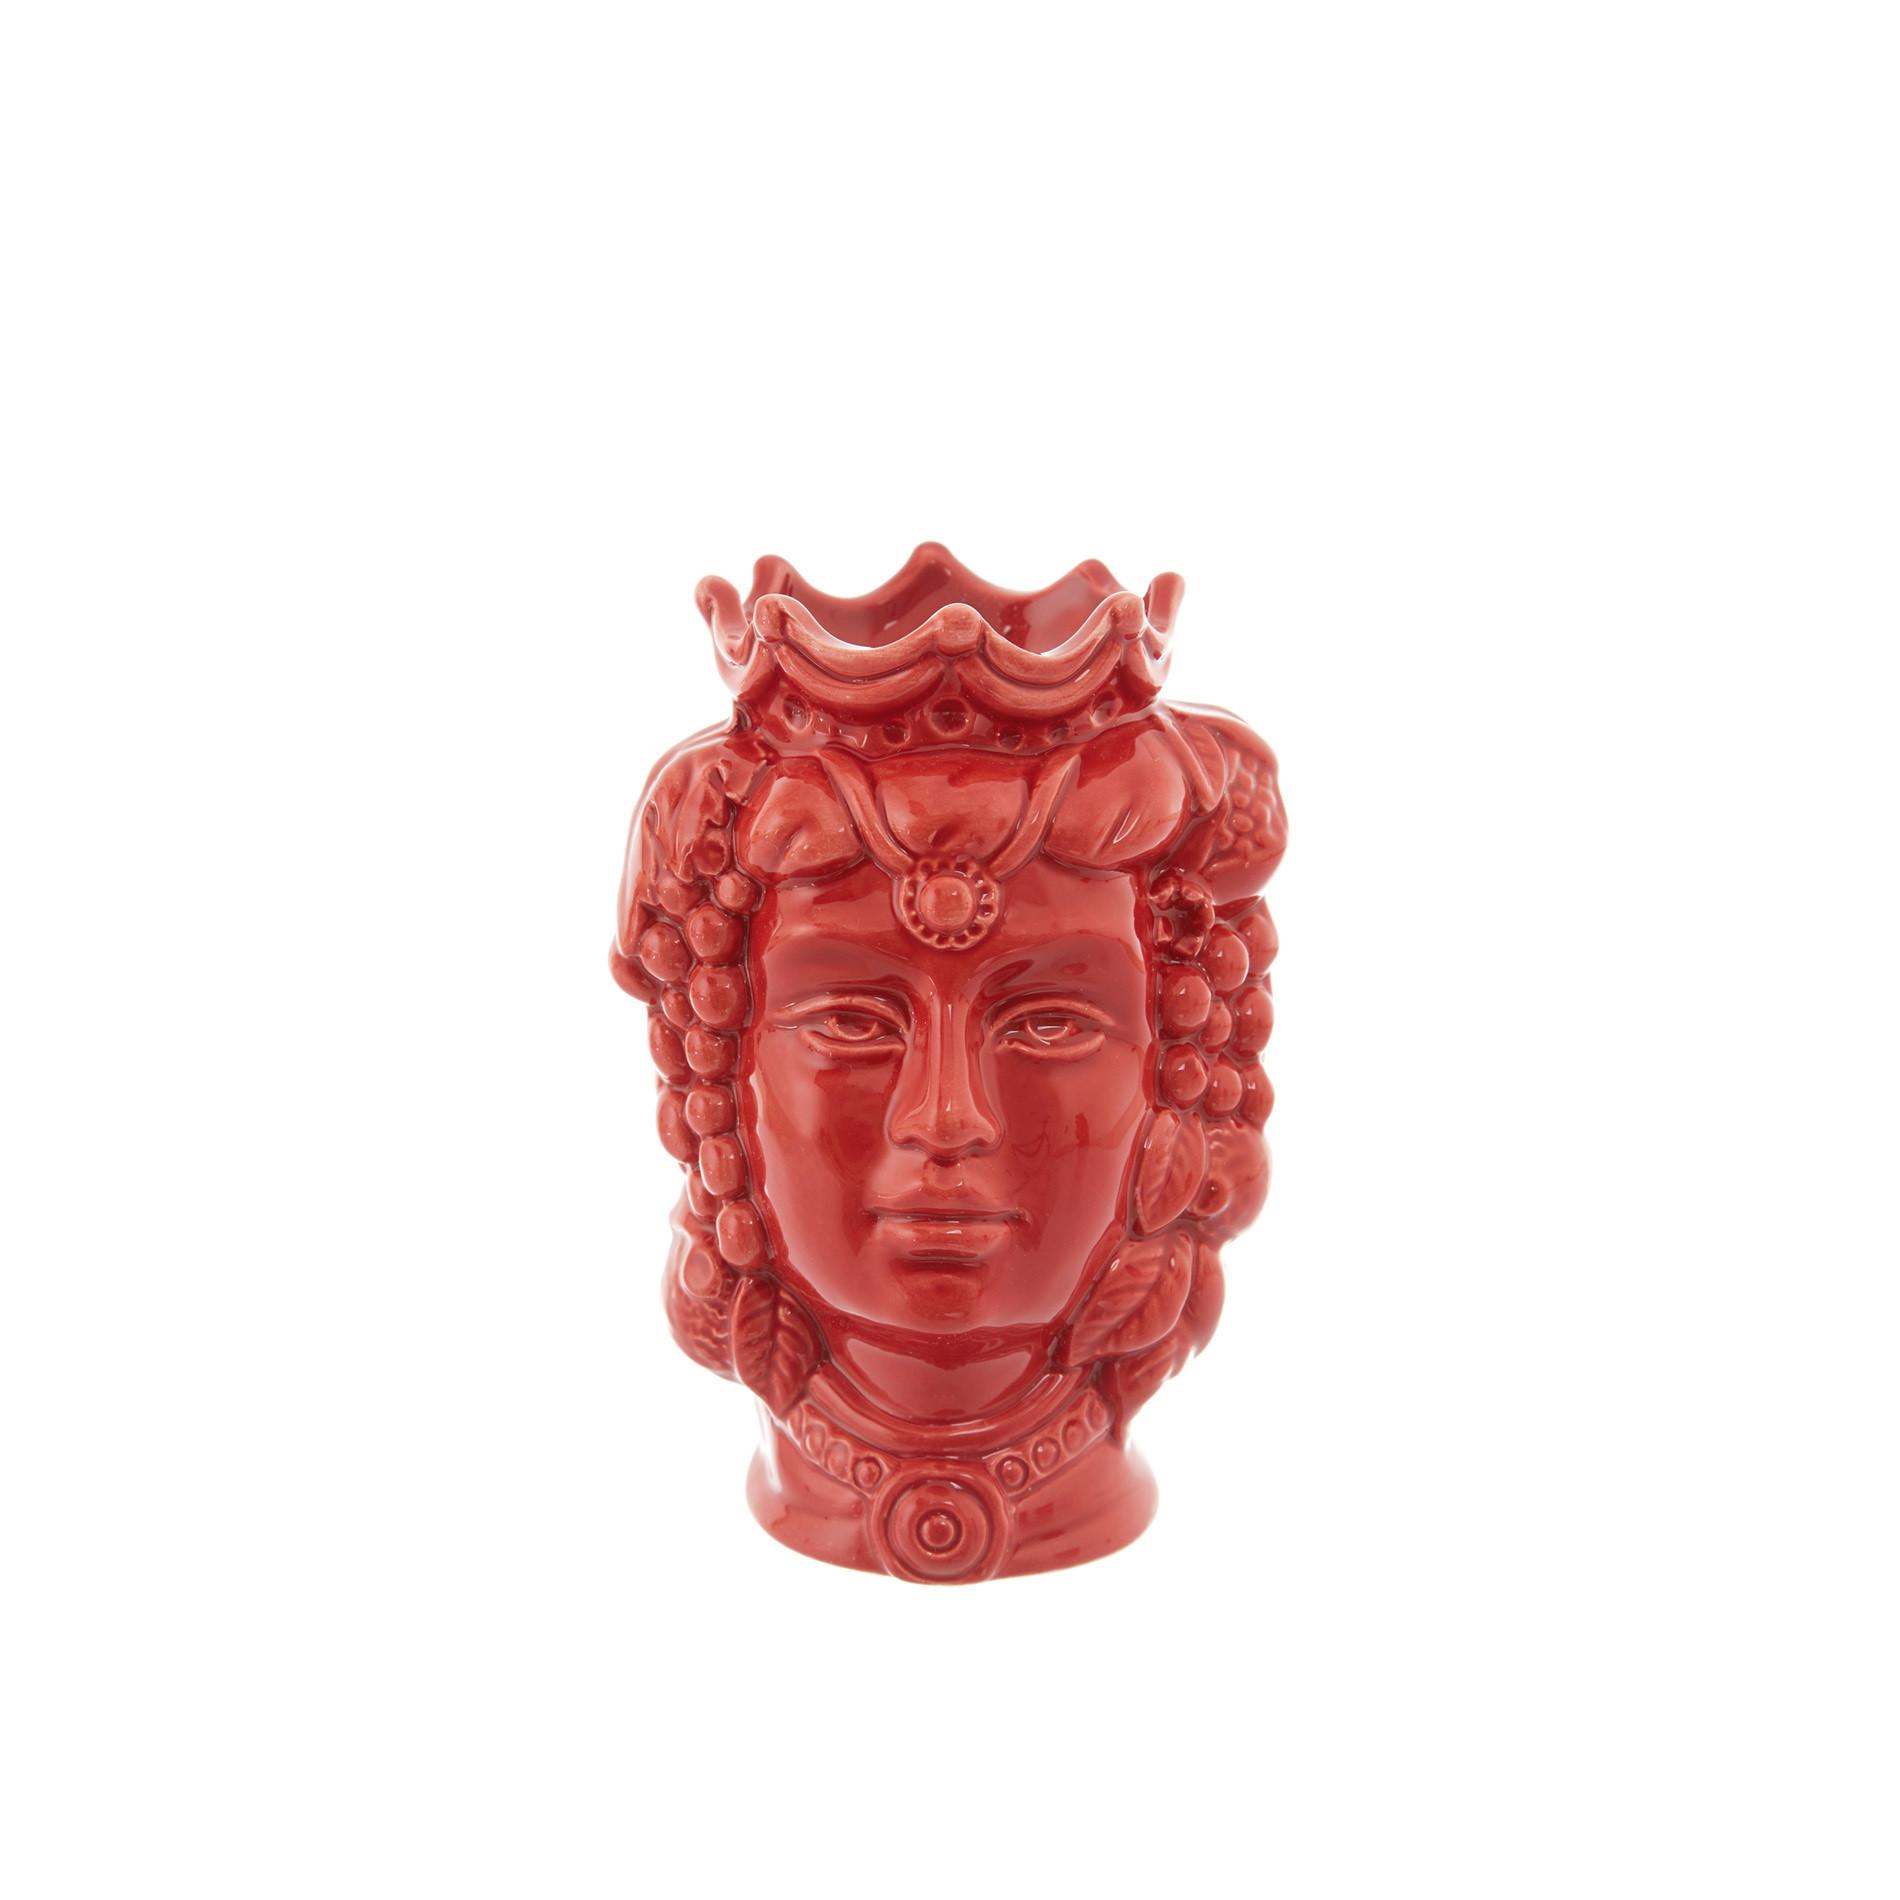 Testa di moro by Ceramiche Siciliane Ruggeri, Rosso, large image number 0